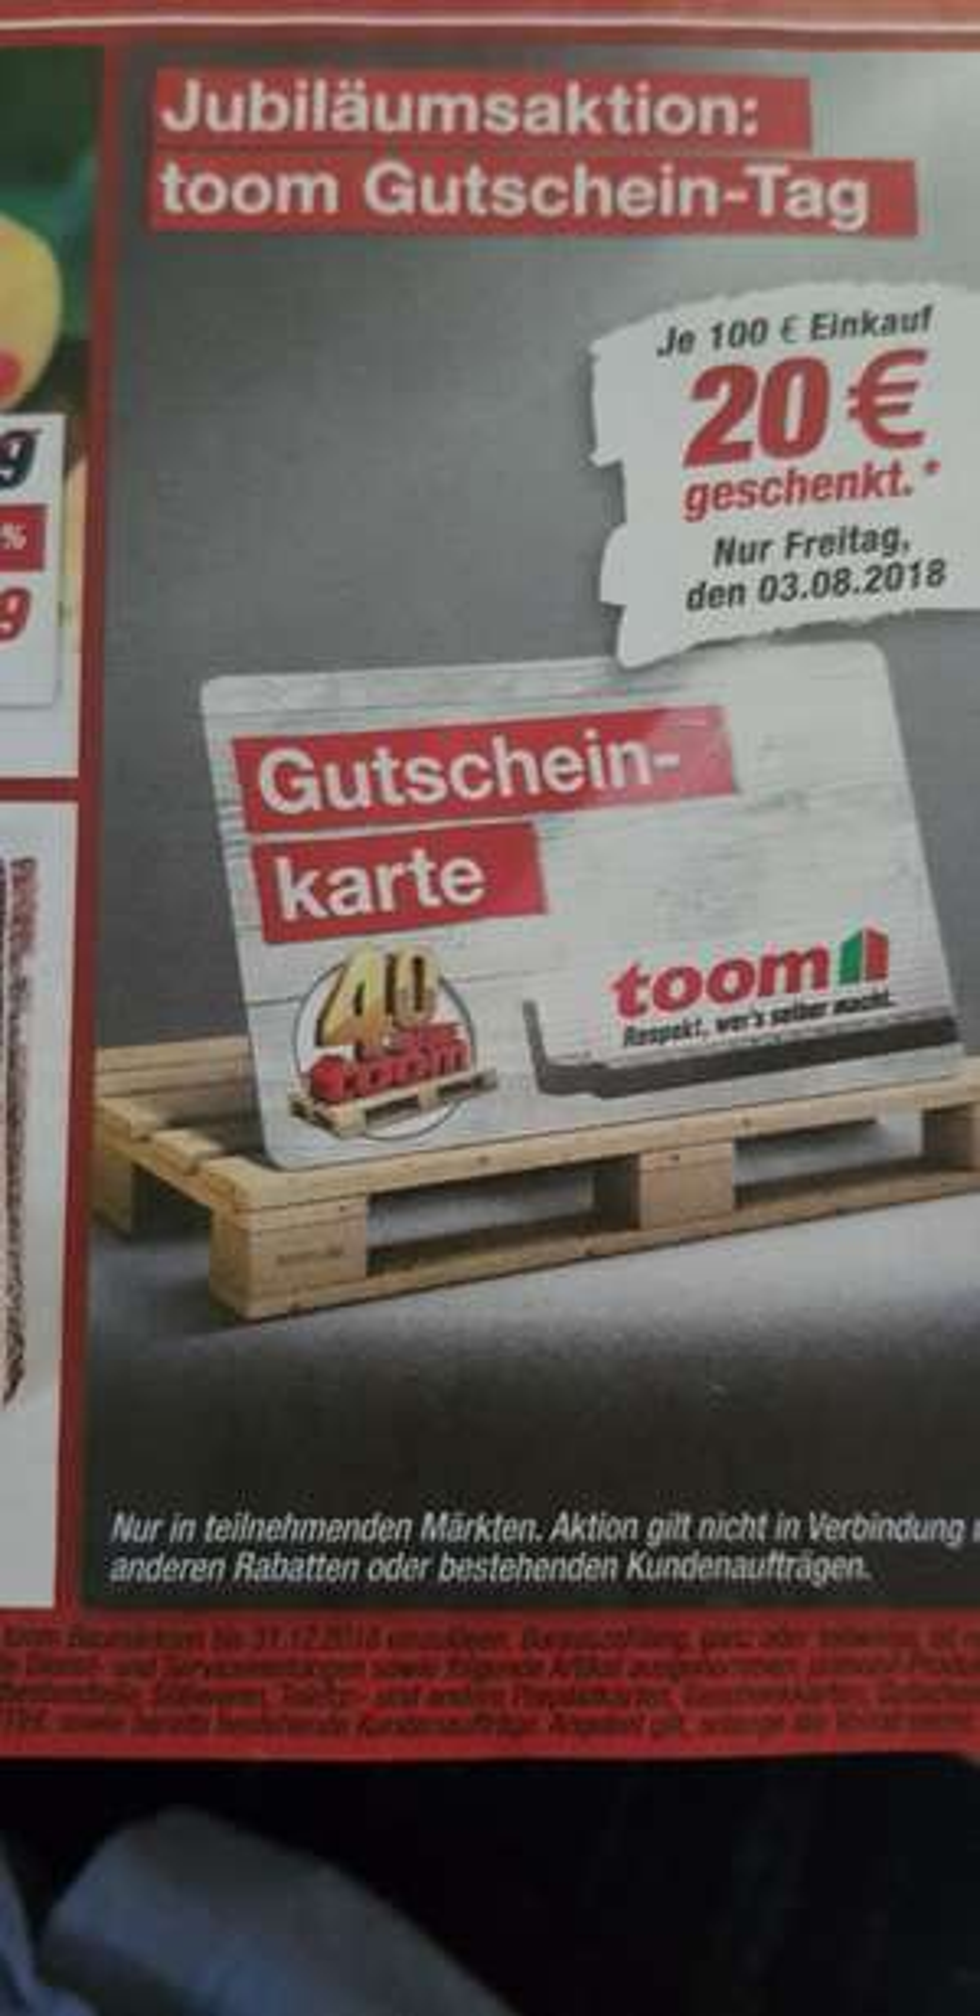 Toom Baumarkt 20€ je 100€ Einkauf